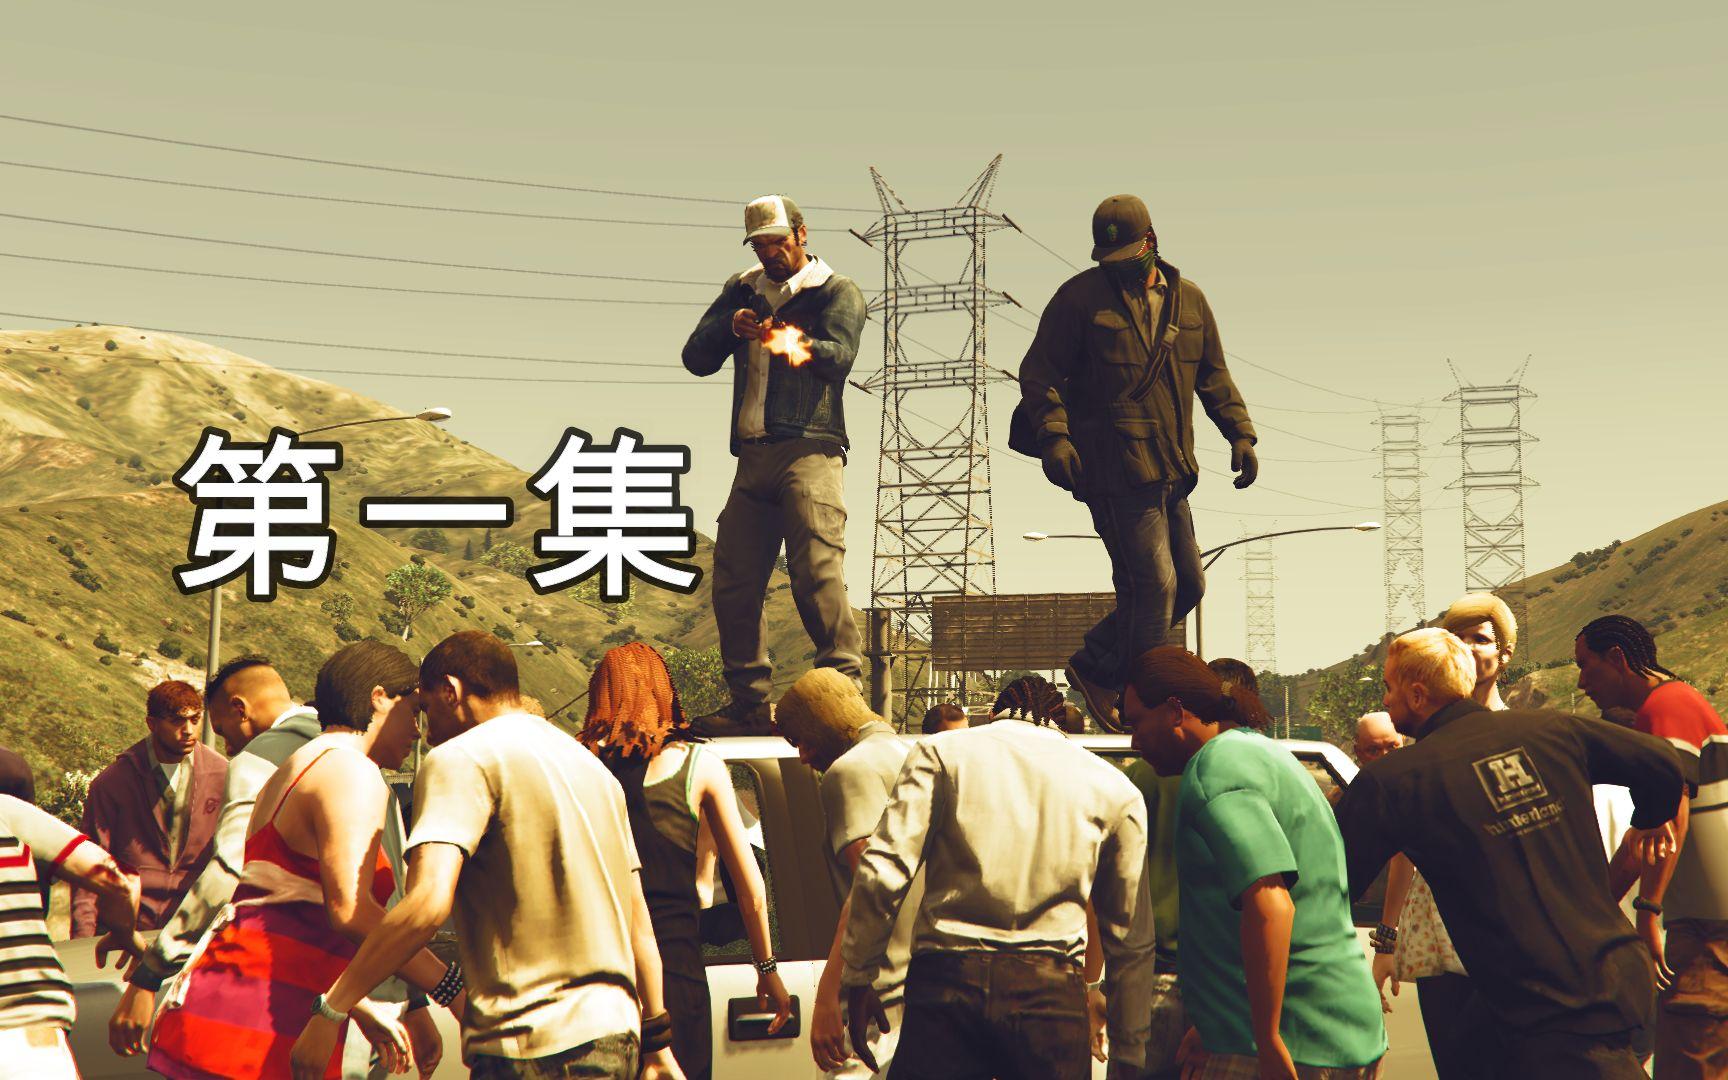 【GTA5】洛圣都僵尸黎明 第一集 病毒爆发